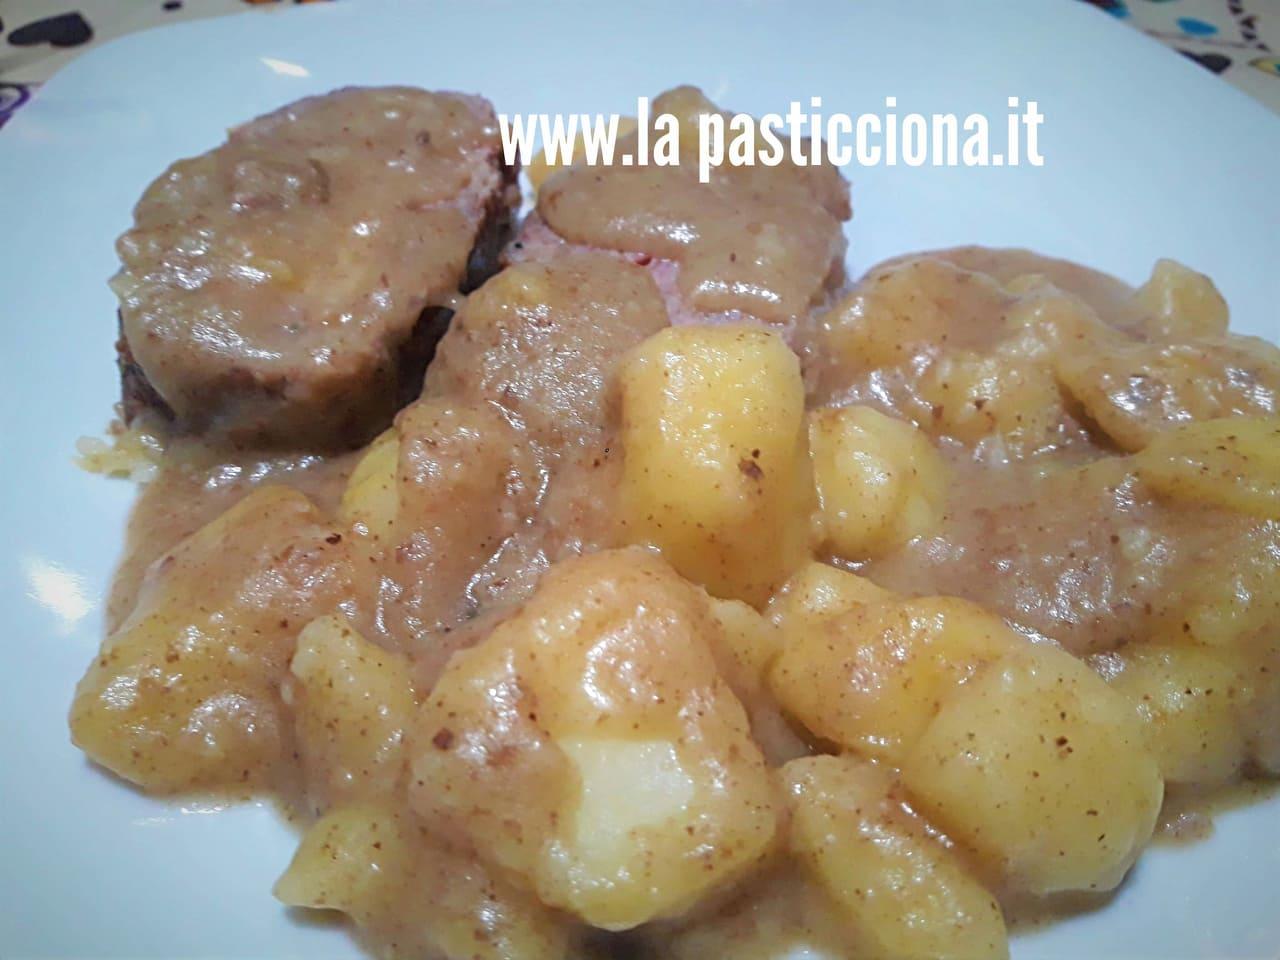 Polpettone con patate in tegame